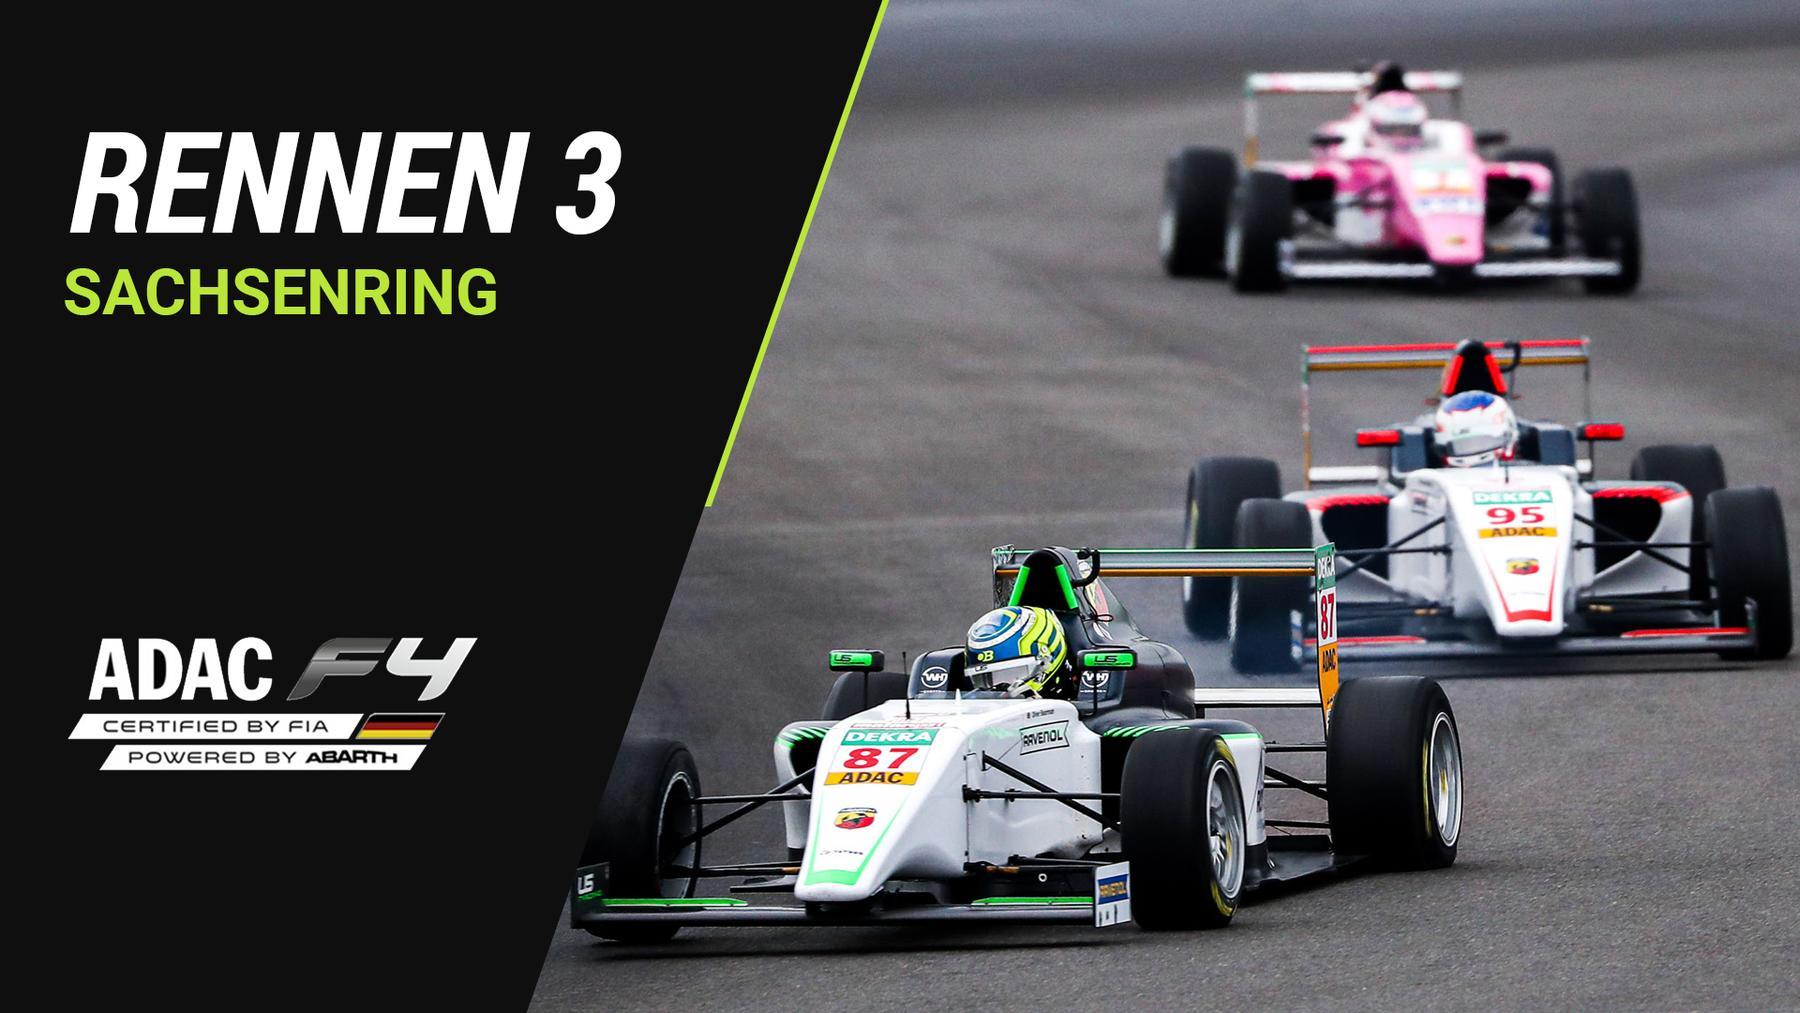 Sachsenring - Rennen 3